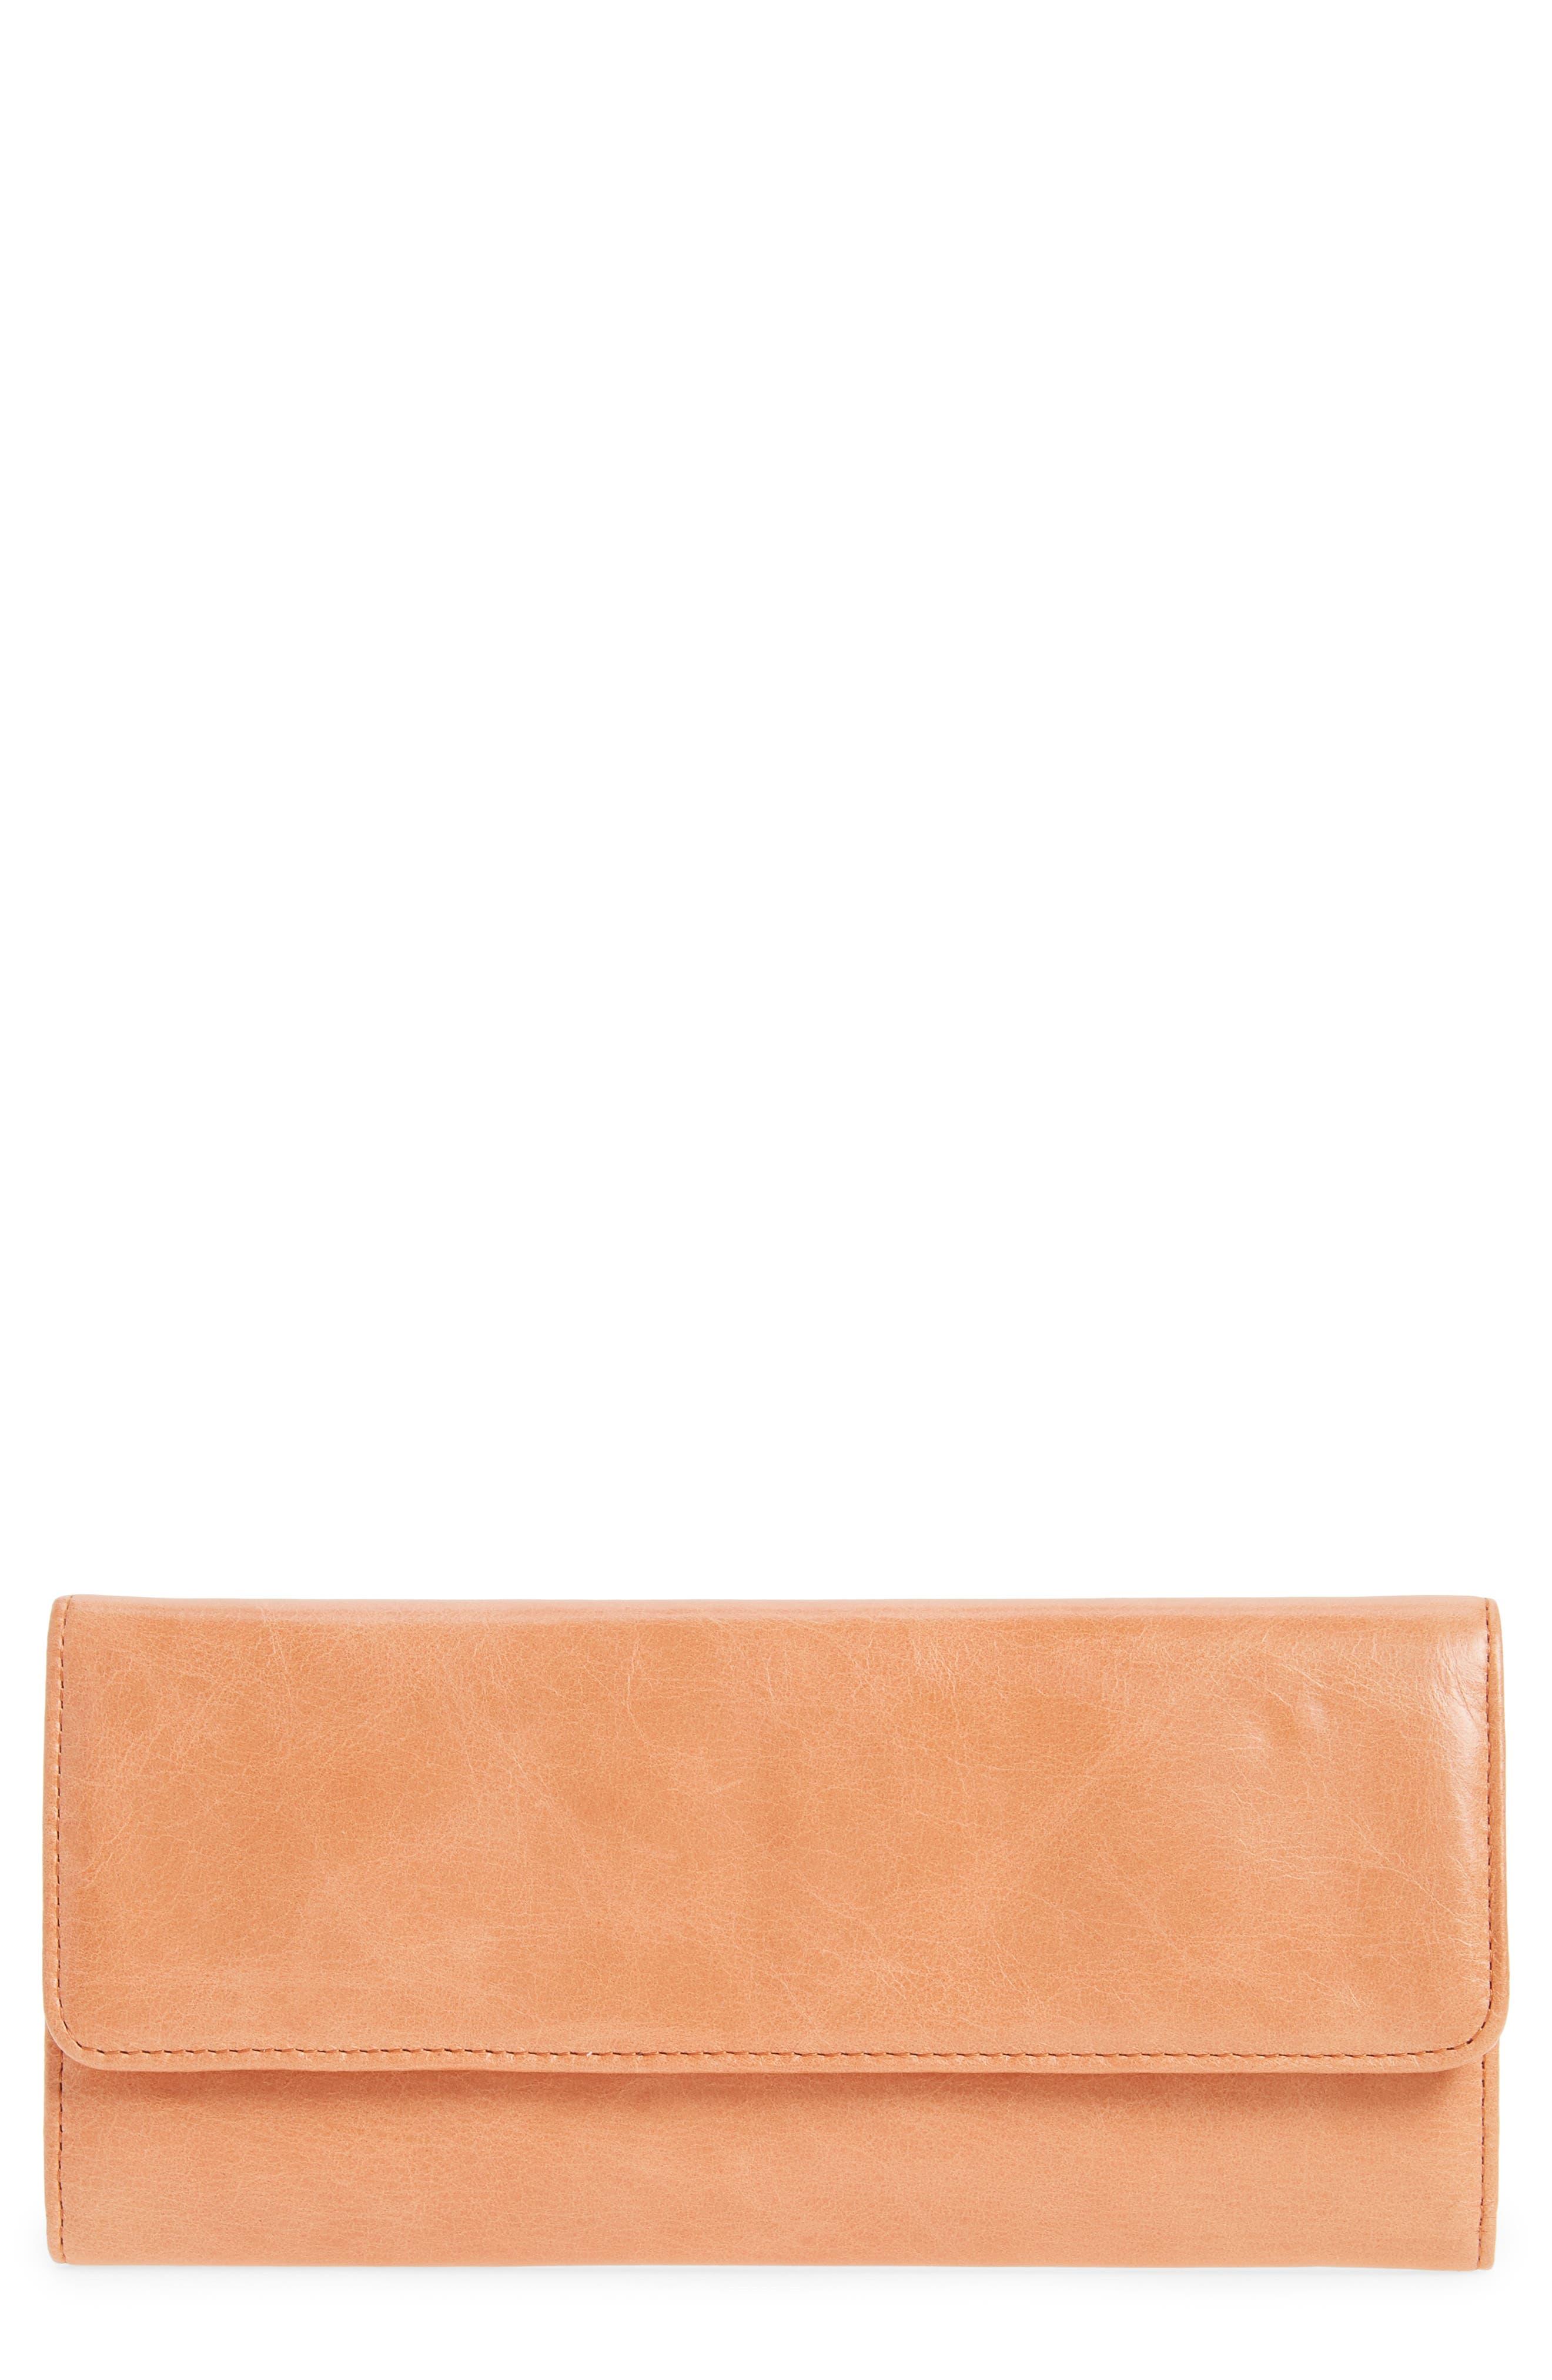 HOBO Sadie Leather Wallet